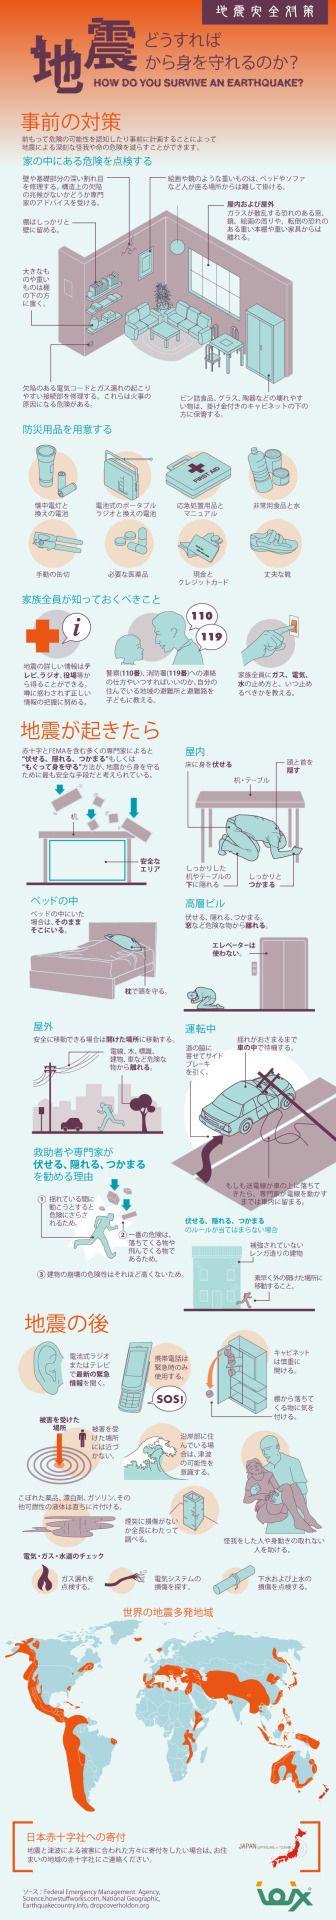 #地震 #災害 #防災 #お役立ち (Via:インフォグラフィックギャラリー) ほぉ!これはわかりやすい! 弊社ではのり面の安全具も取り扱っております!